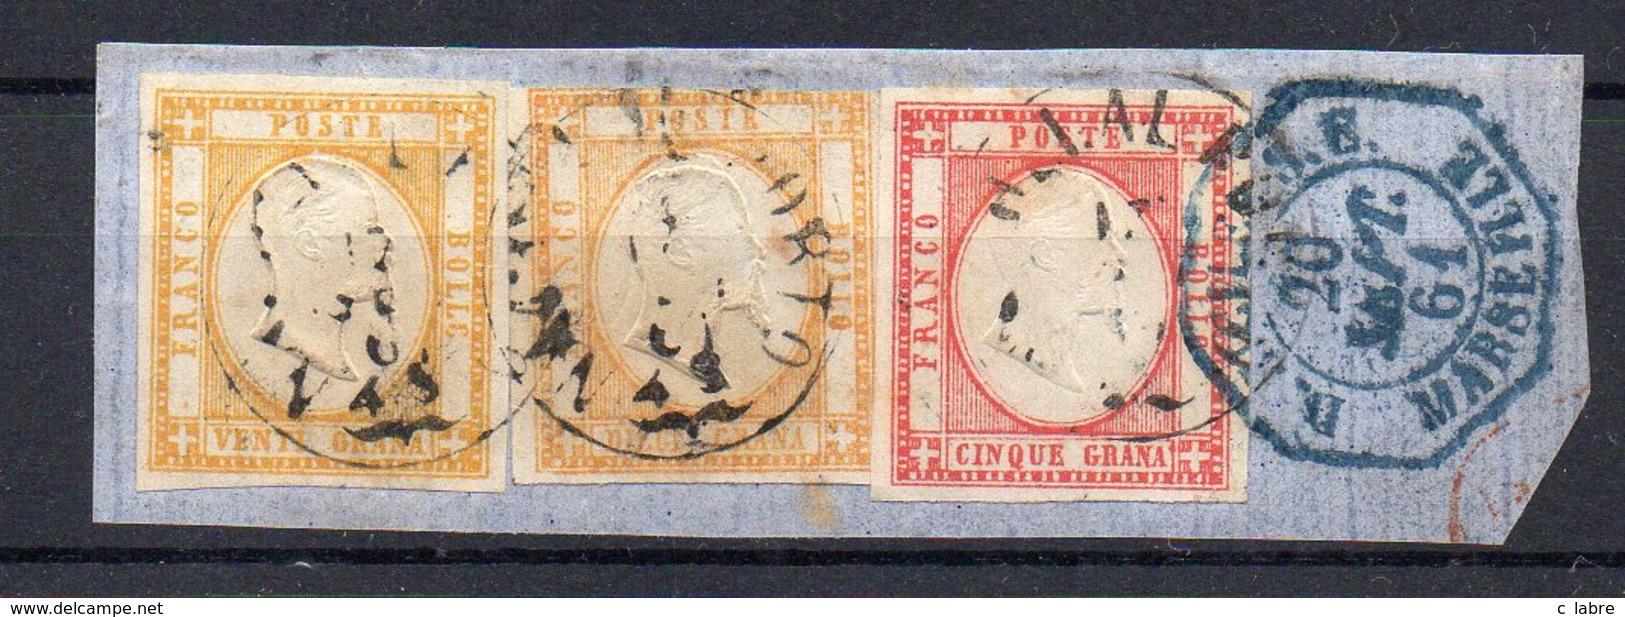 NAPLES : N° 14 , 2EX . N° 16 ( UN DÉFAUT )  . SUR FGT . CAD D'ENTRÉE EN BLEU . 1861 . ( CATALOGUE YVERT ) . - Napoli